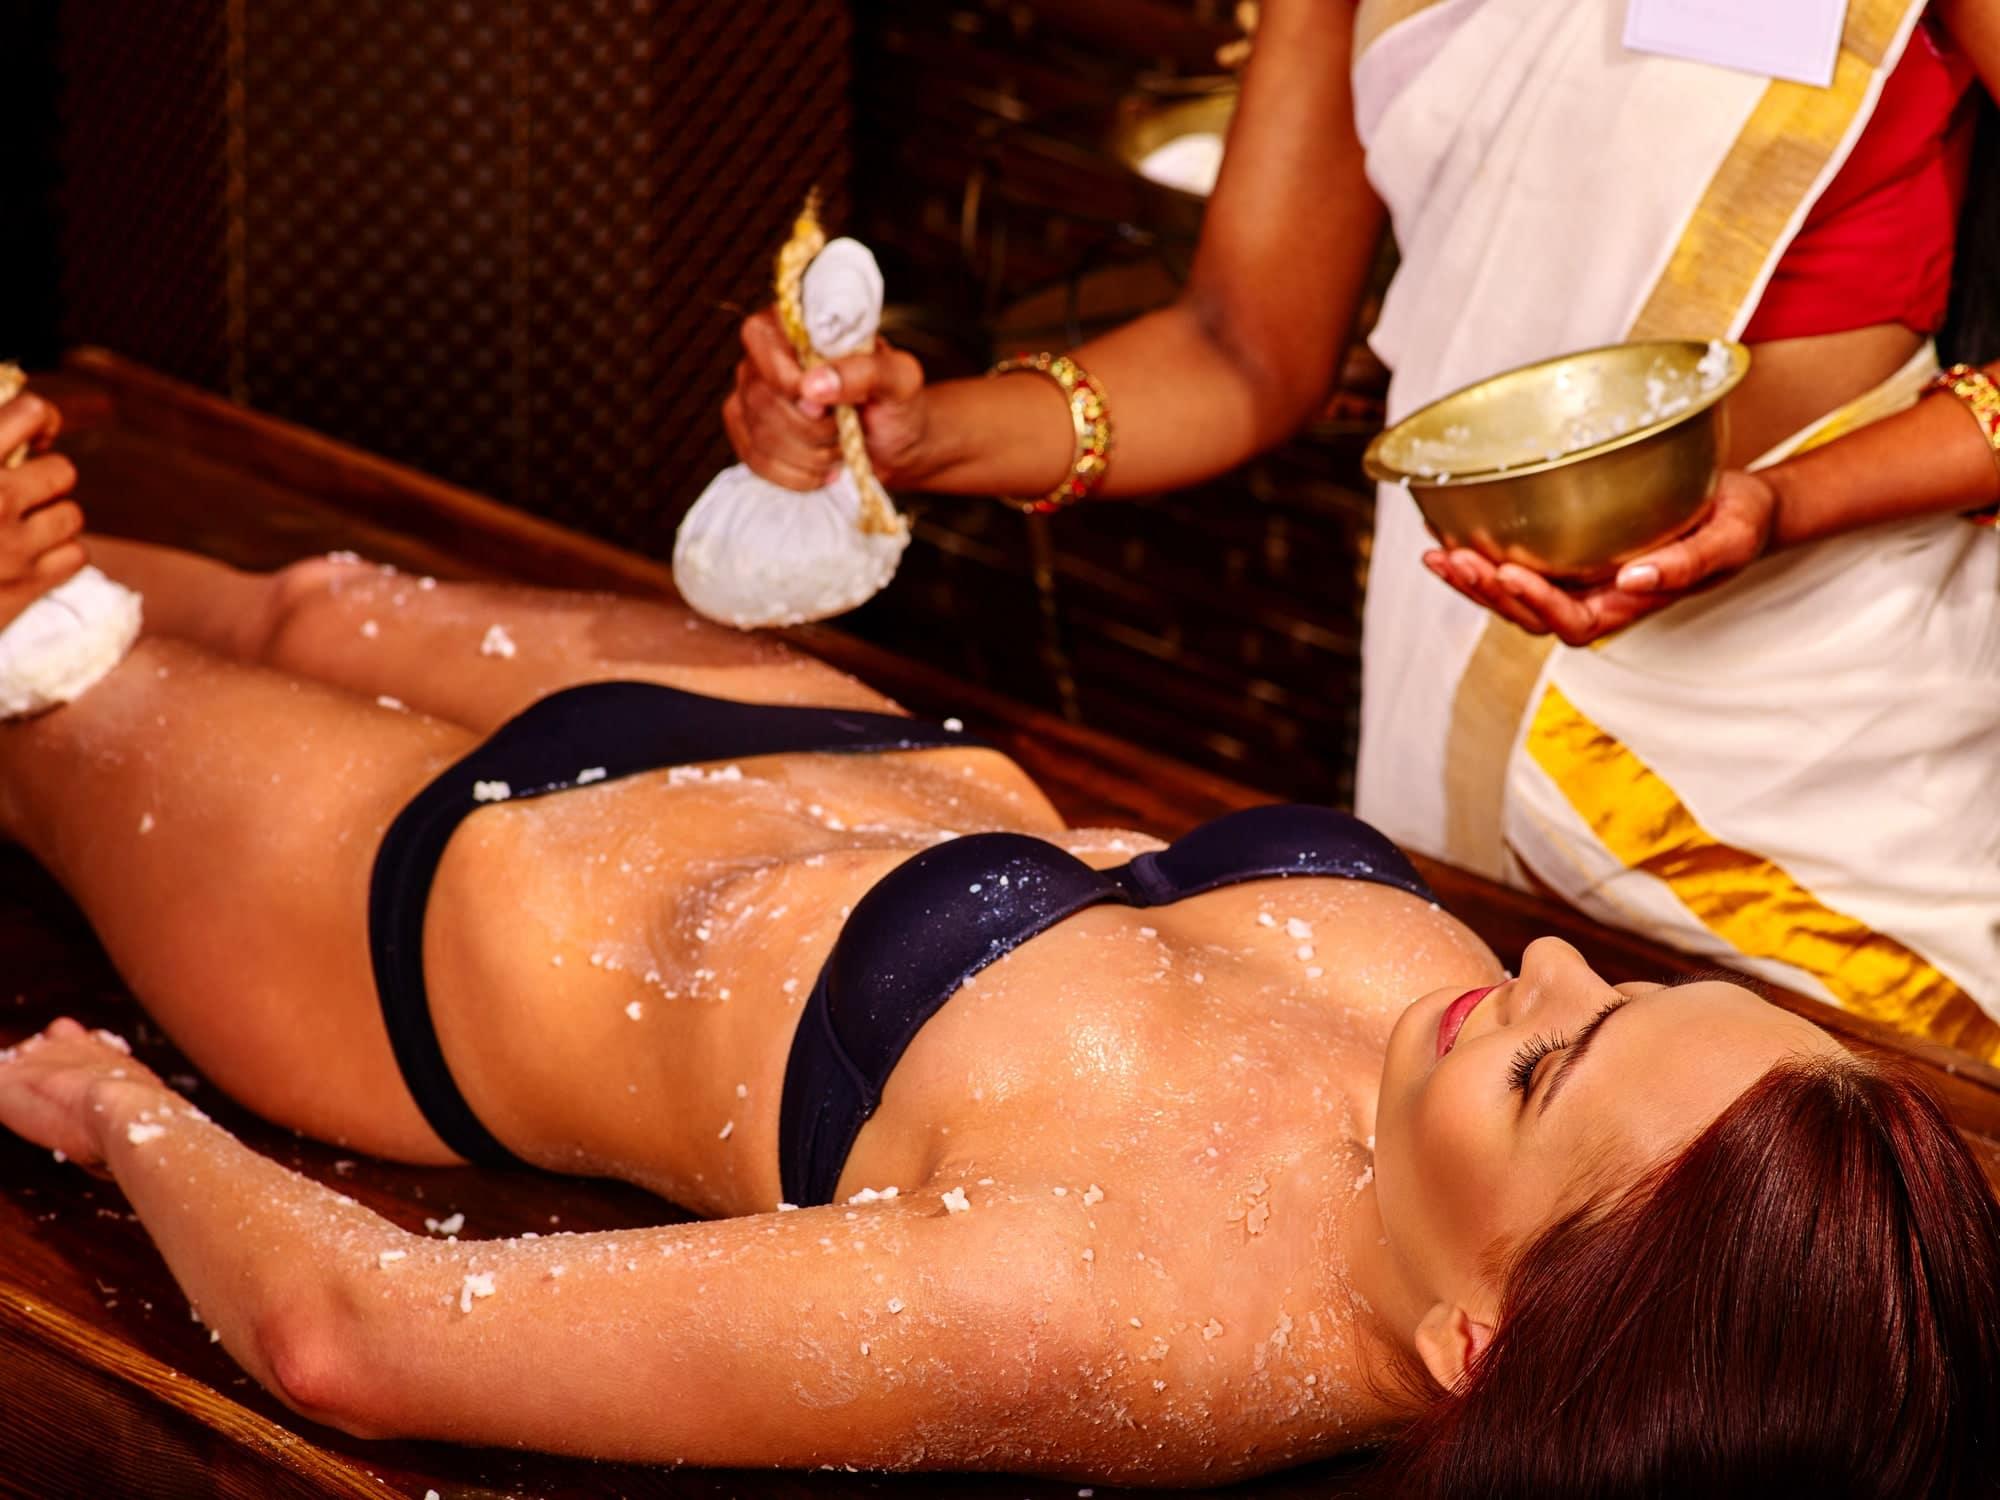 Девушка на процедуре аюрведического массажа